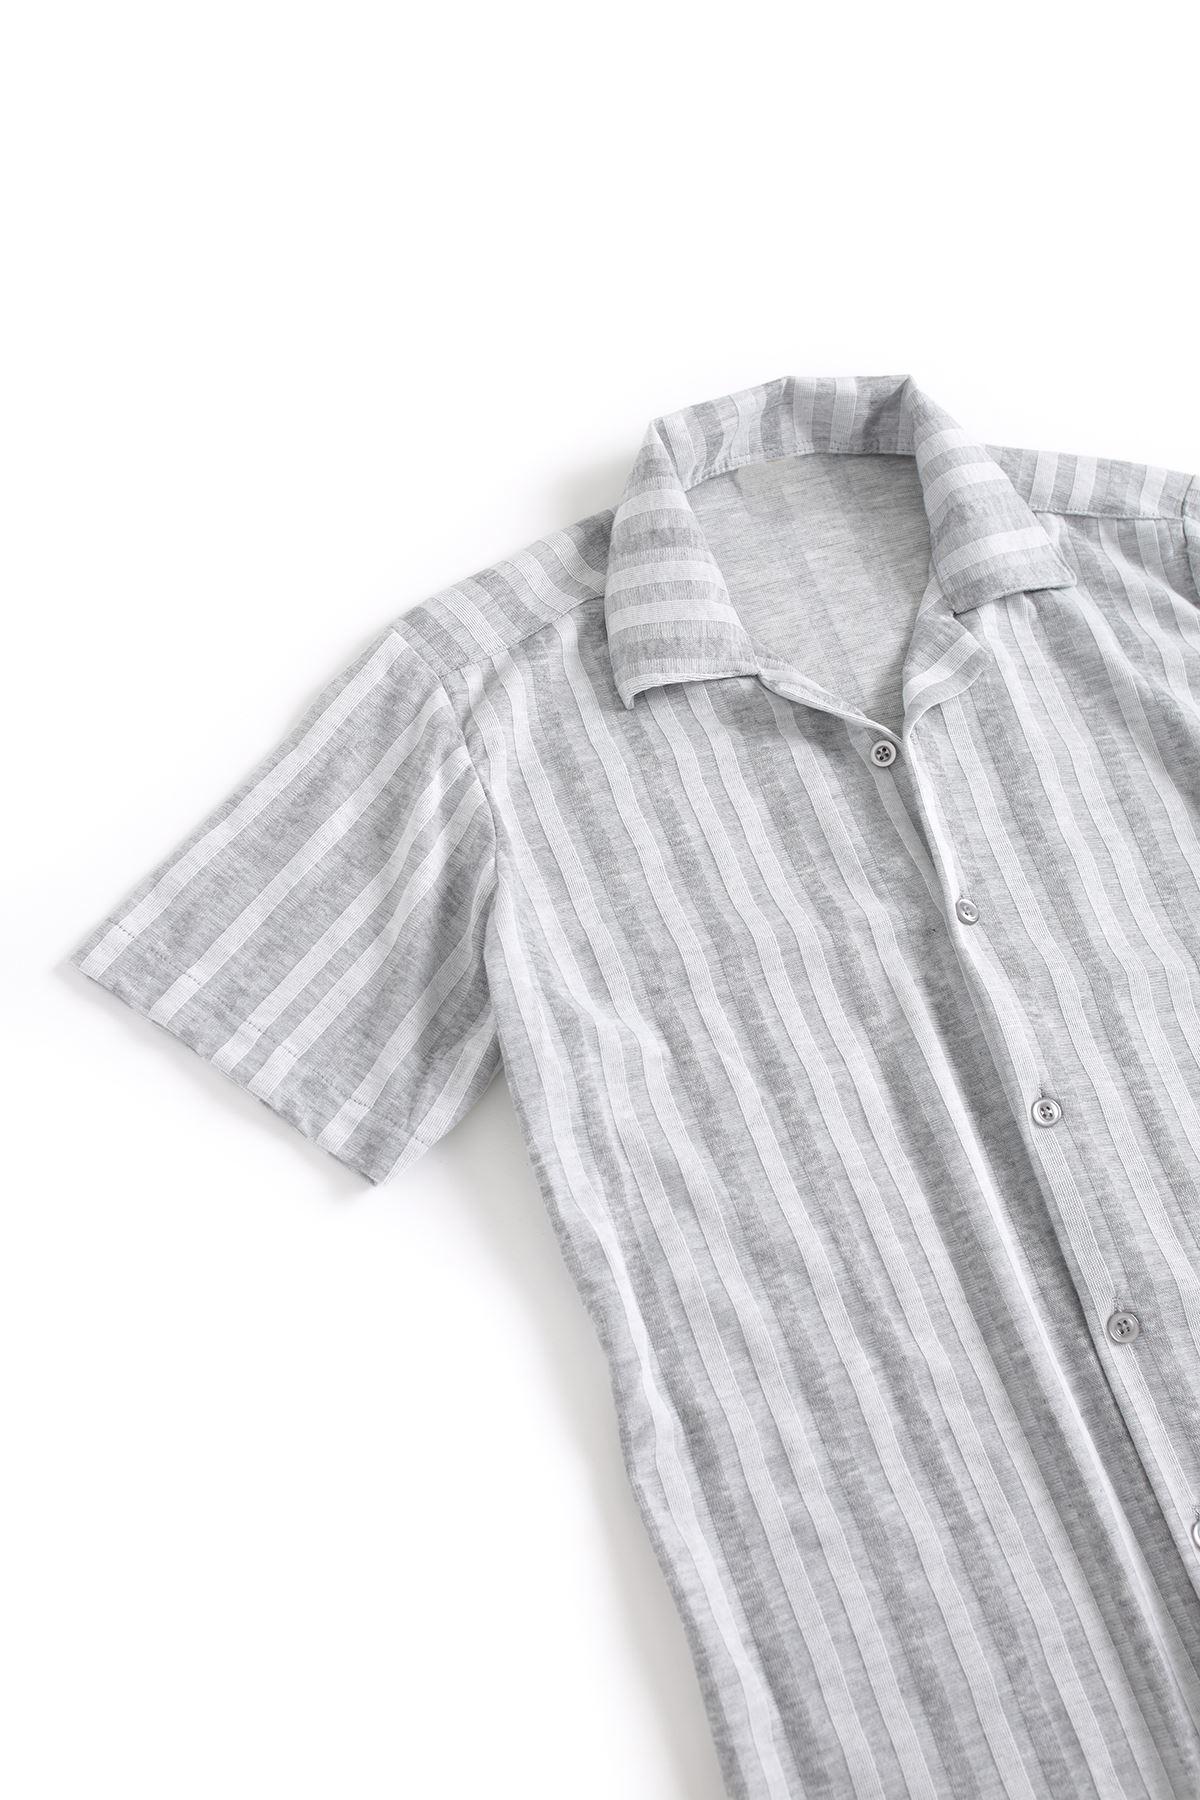 Beyaz Çizgili Gri Pamuklu Gömlek